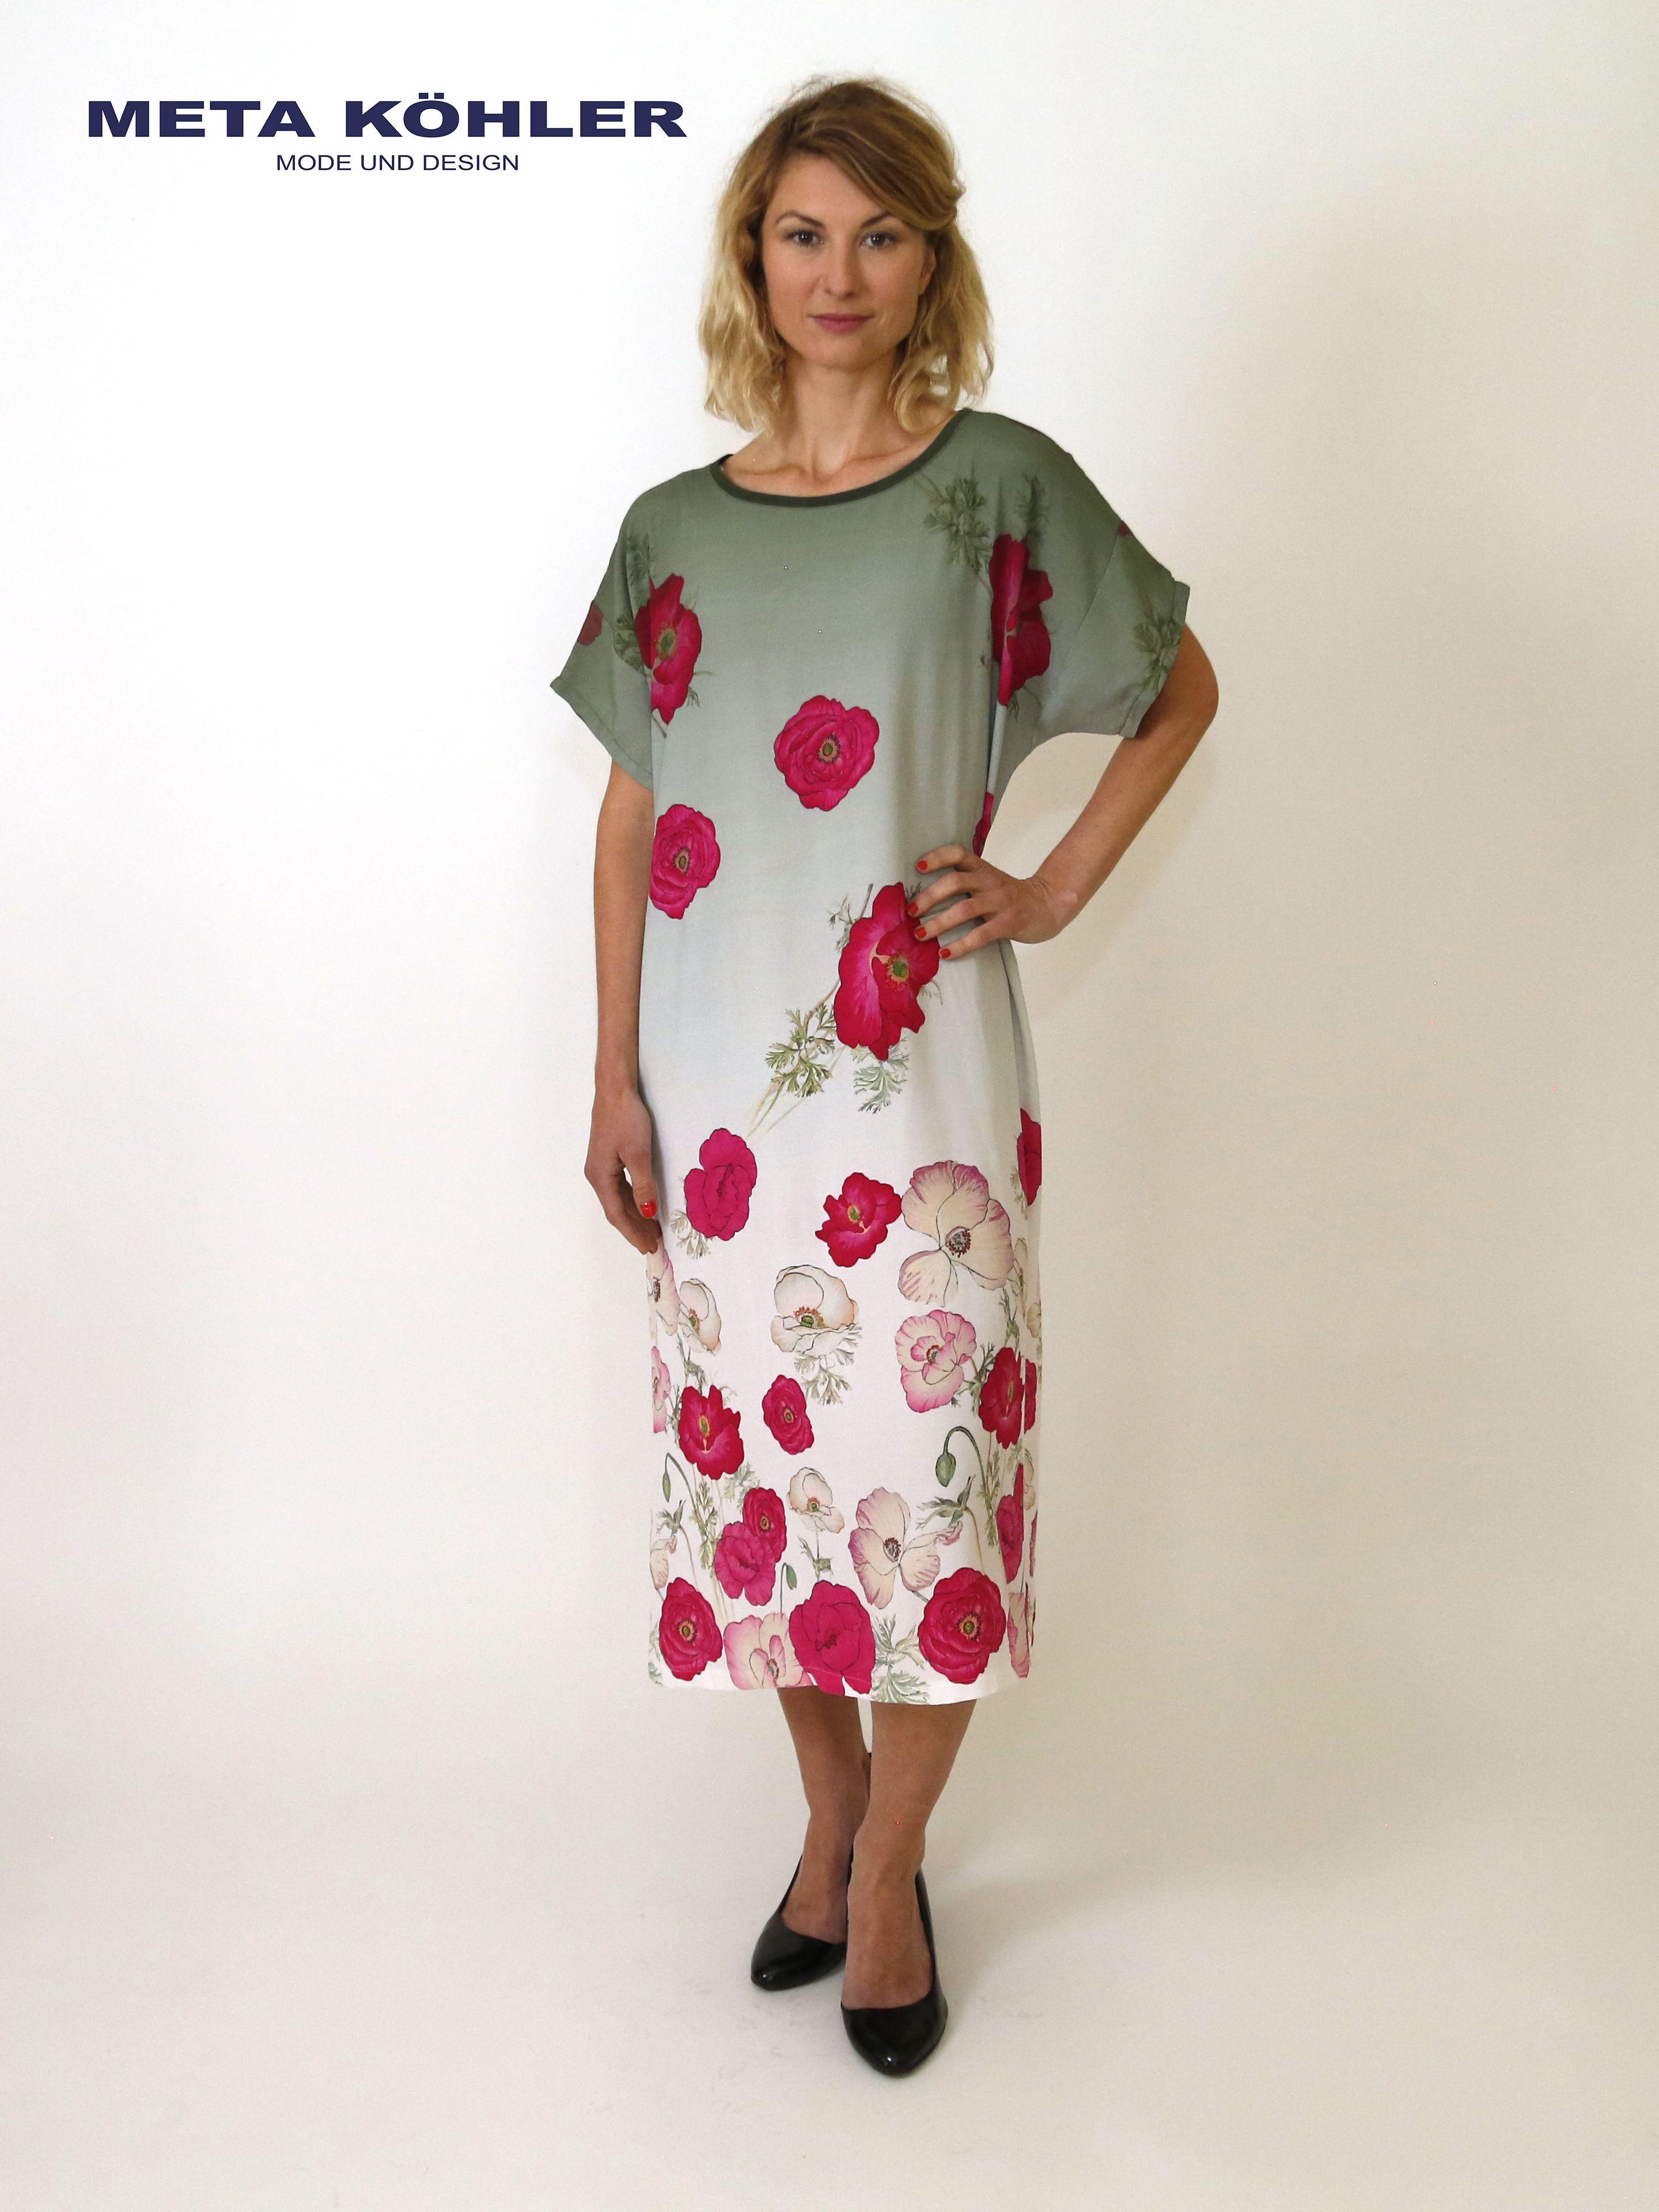 Sommerkleid Mit Mohnblumen Und Farbverlauf Angenehme Trageeigenschaften Leicht Und Luftig Grosse 38 40 Material Viskose Pflege Sommer Kleider Kleider Modestil